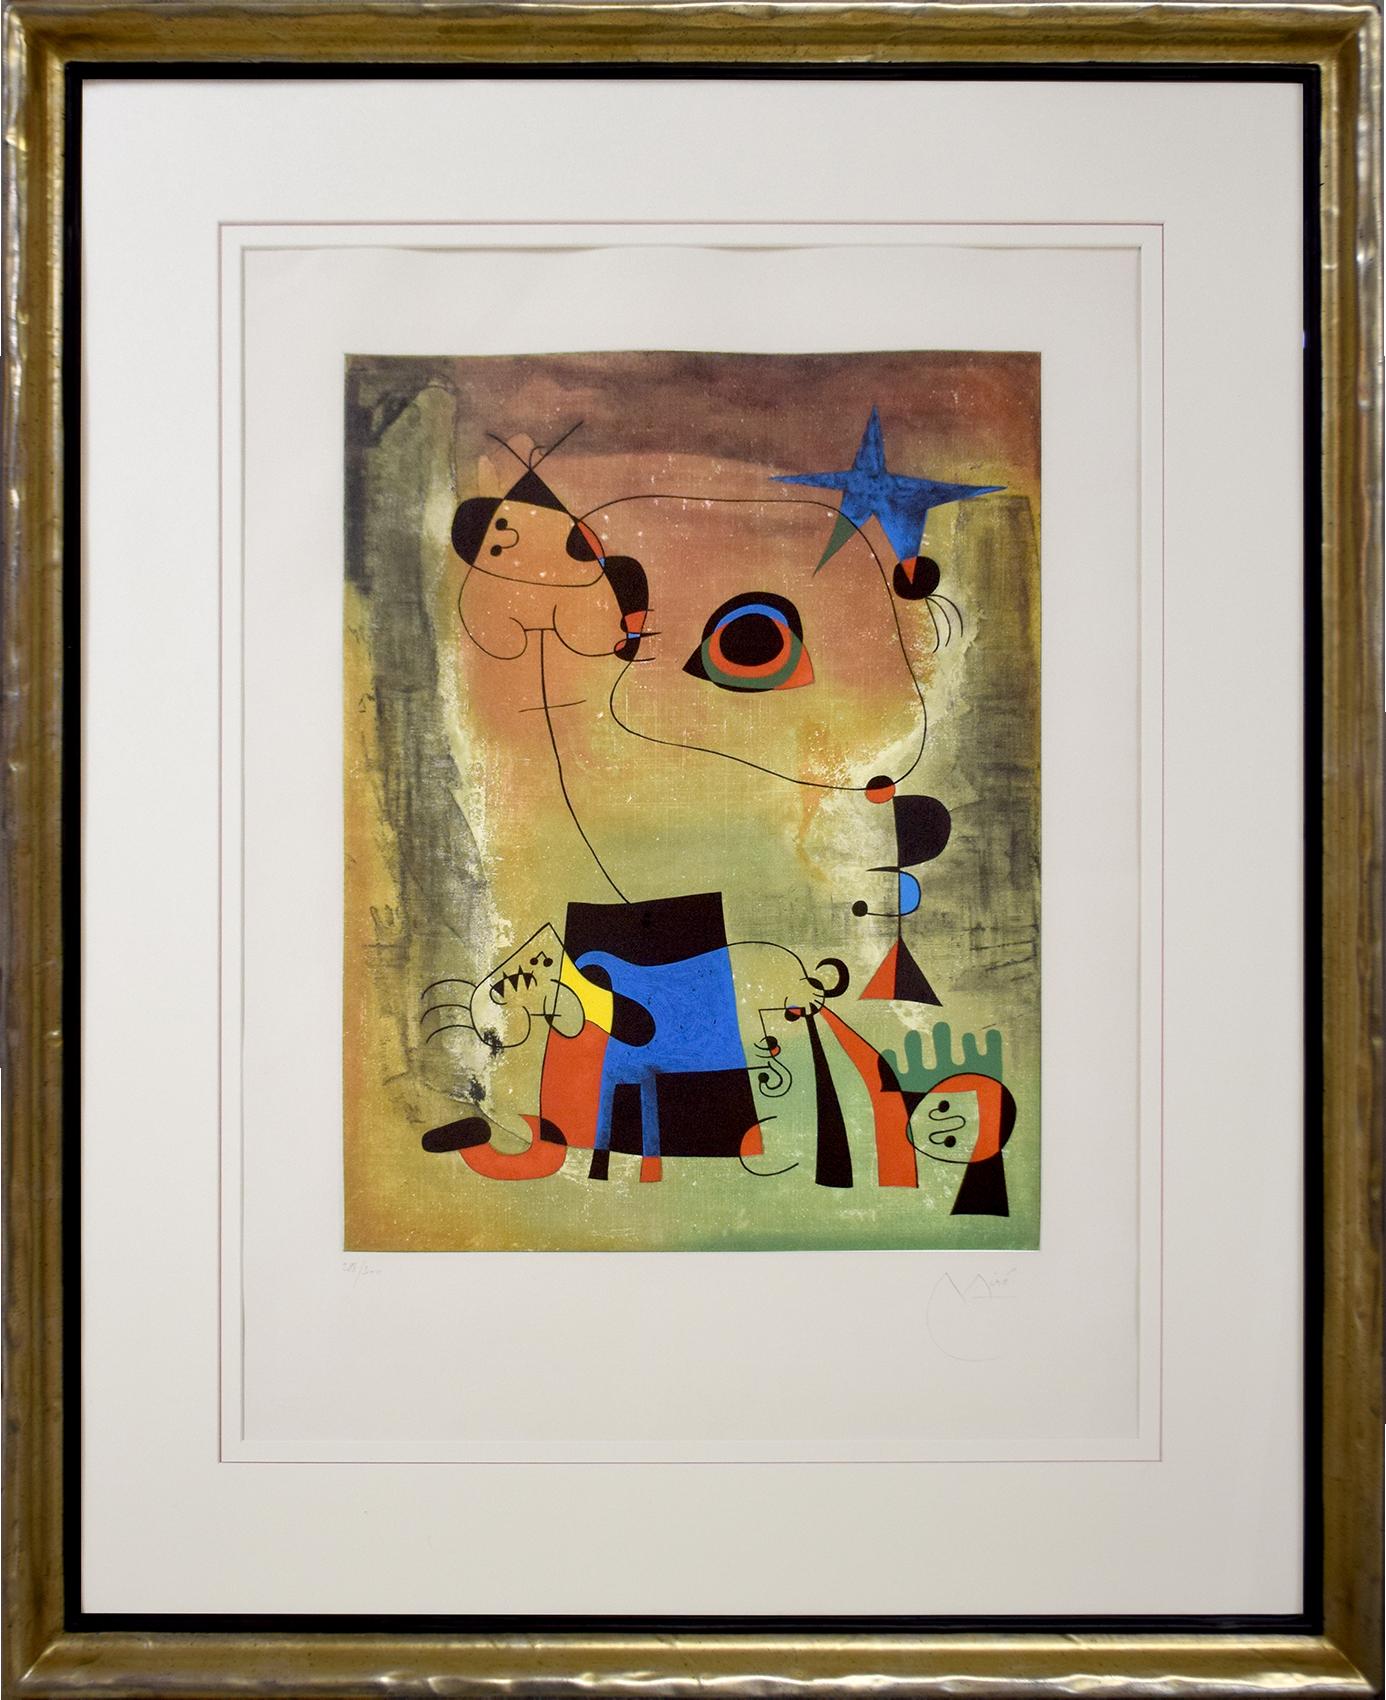 Joan Miró - Le chien bleu , 0612-008-284